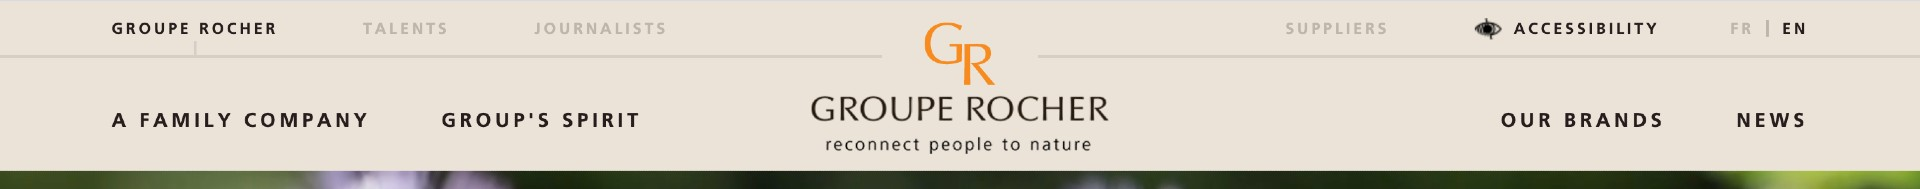 navigation entrées profils - exemple groupe rocher